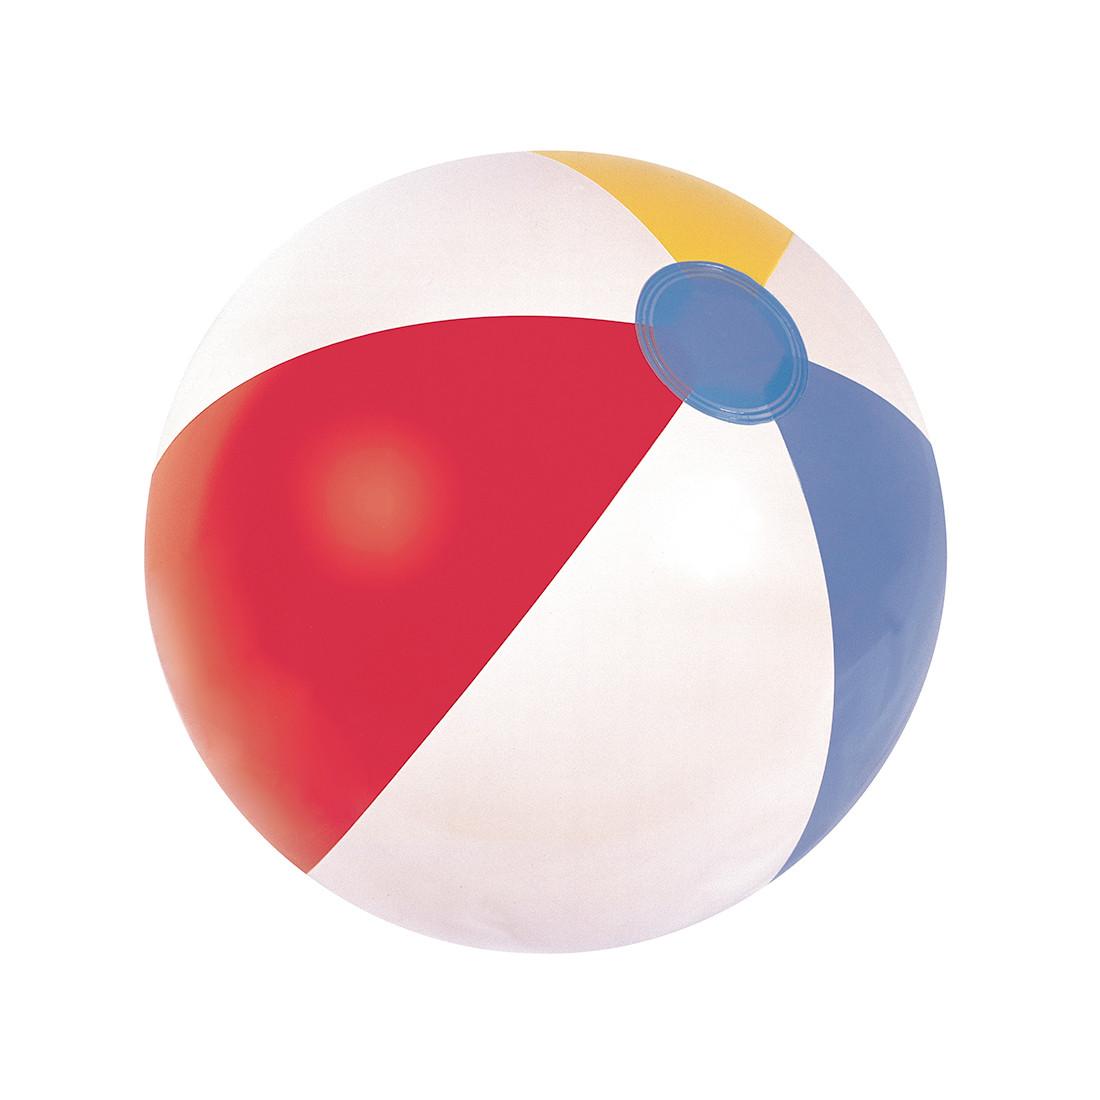 Надувной пляжный мяч BESTWAY Beach Ball 2+ 31022 (61см, Винил)